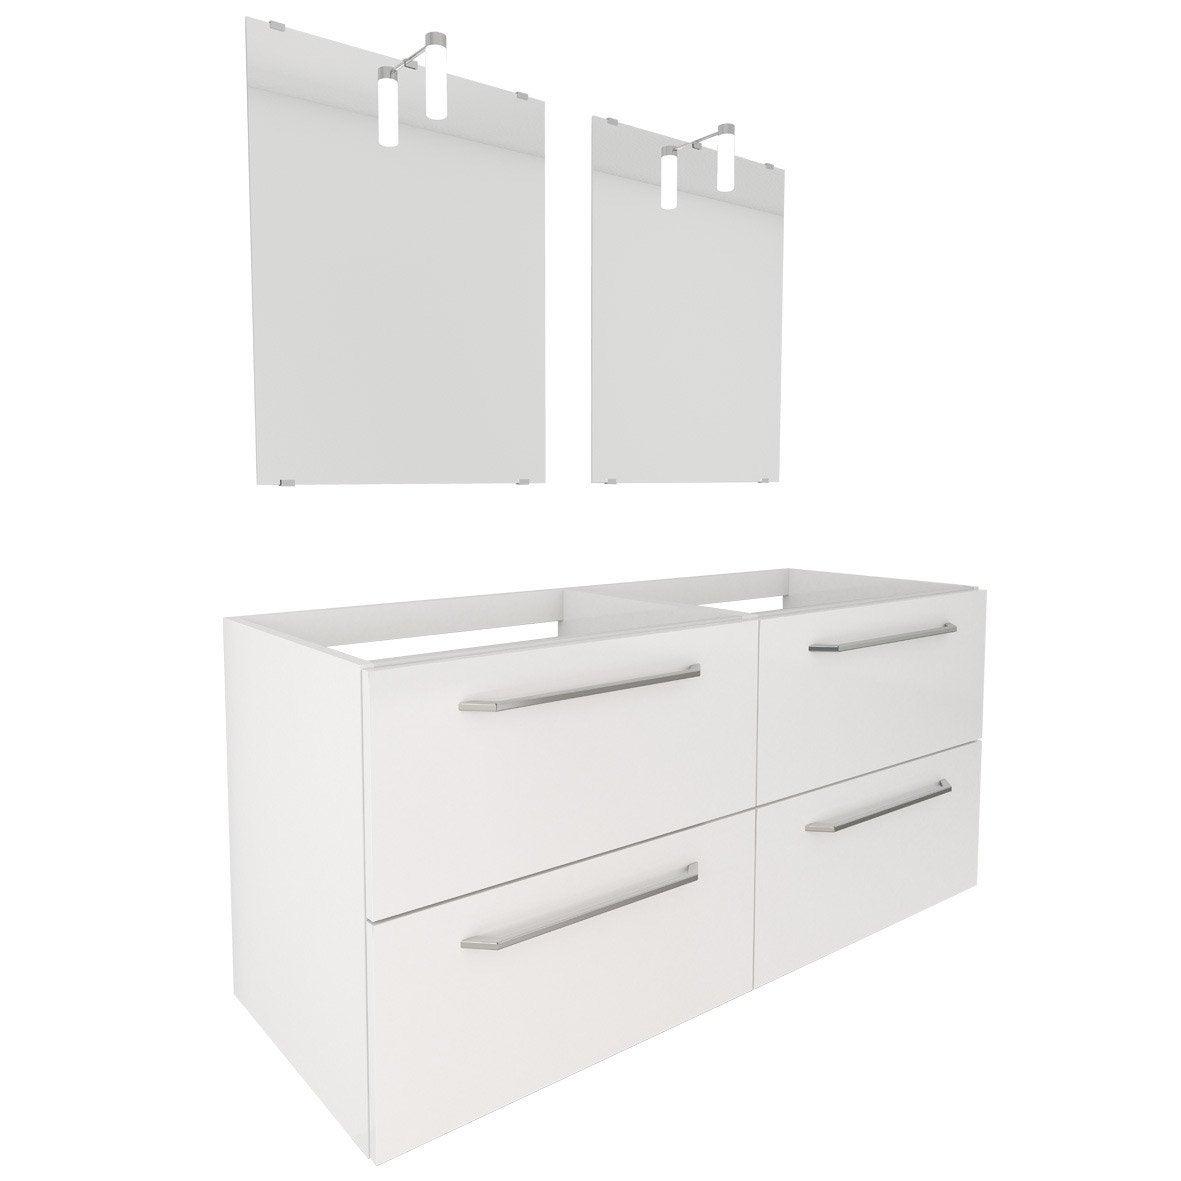 meuble sous vasque et miroir l 120 x h 64 x p 45 cm star Résultat Supérieur 17 Inspirant Meuble Miroir Photographie 2017 Zzt4